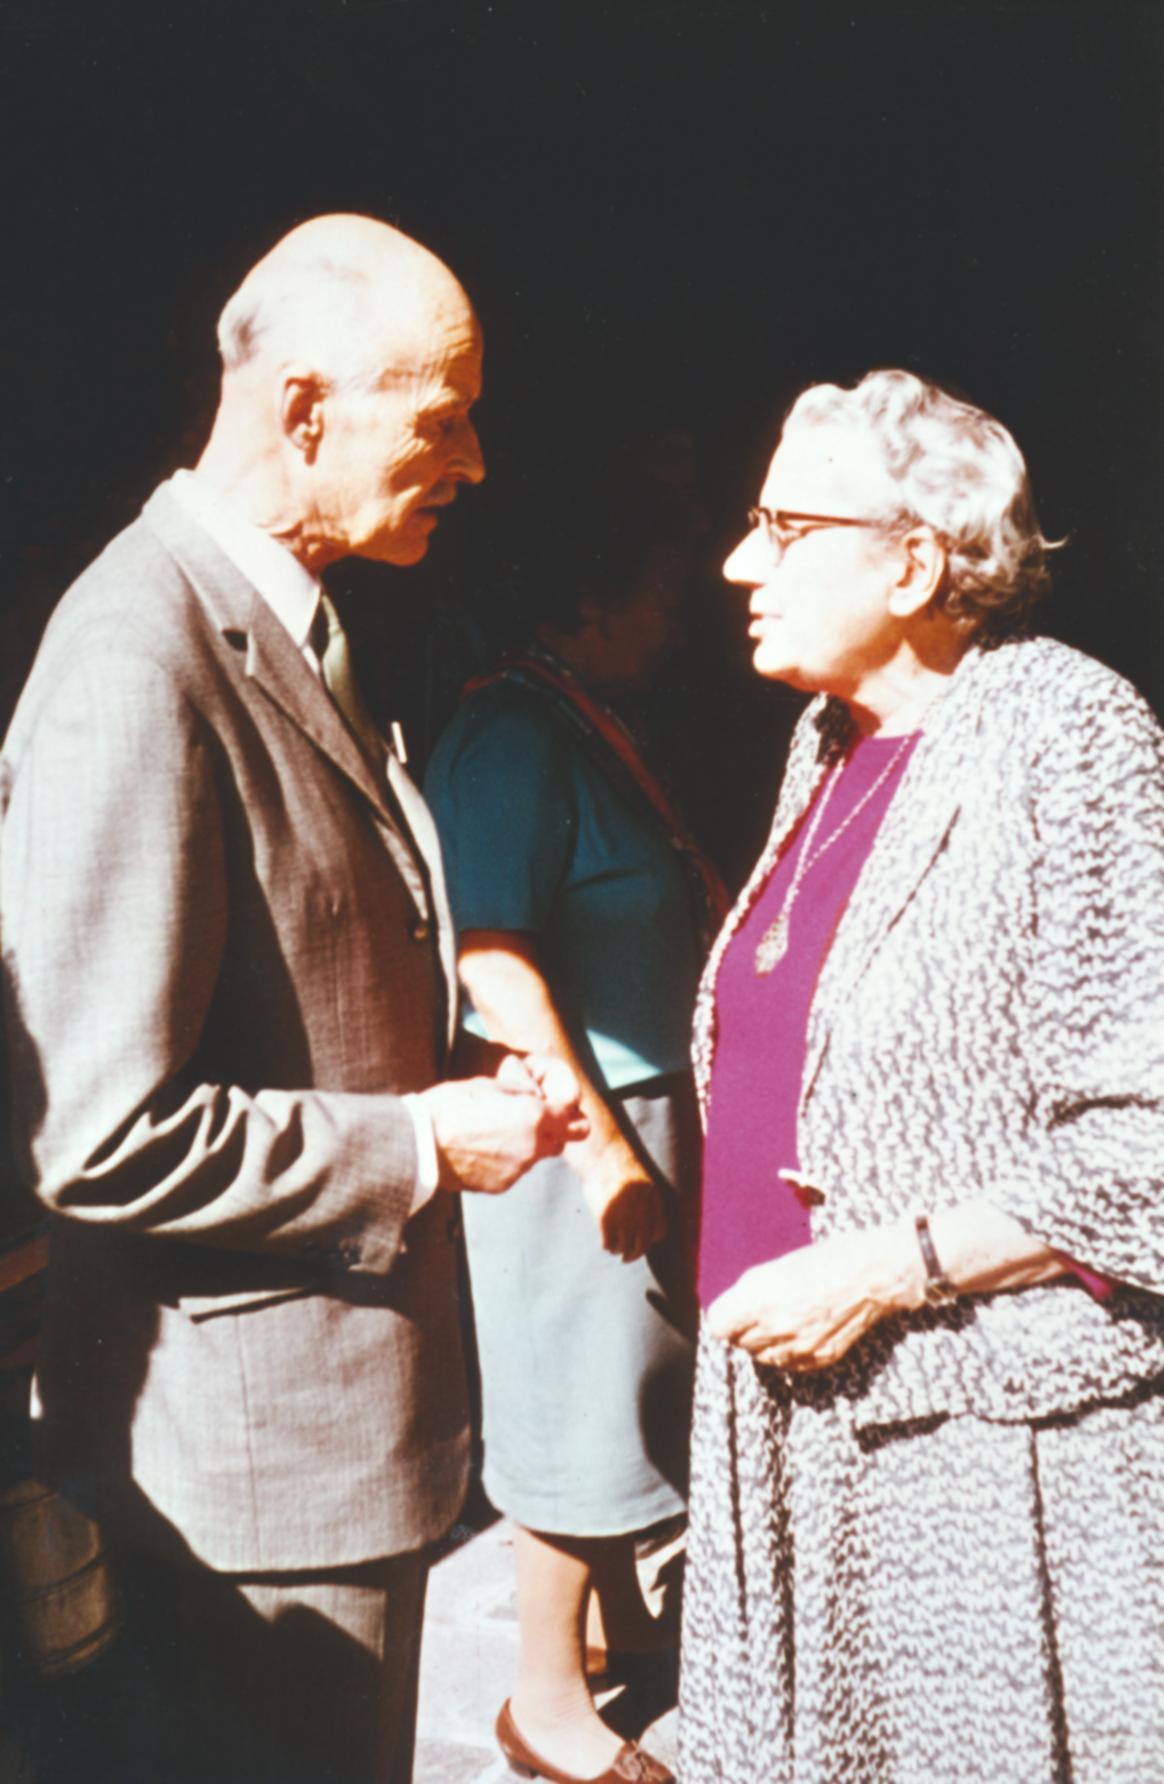 V. Internat. Imago Mundi-Kongress 1974, Cusanus Akademie, Brixen, Dr. Gerda Walther im Gespräch mit dem Verleger Guilleaume